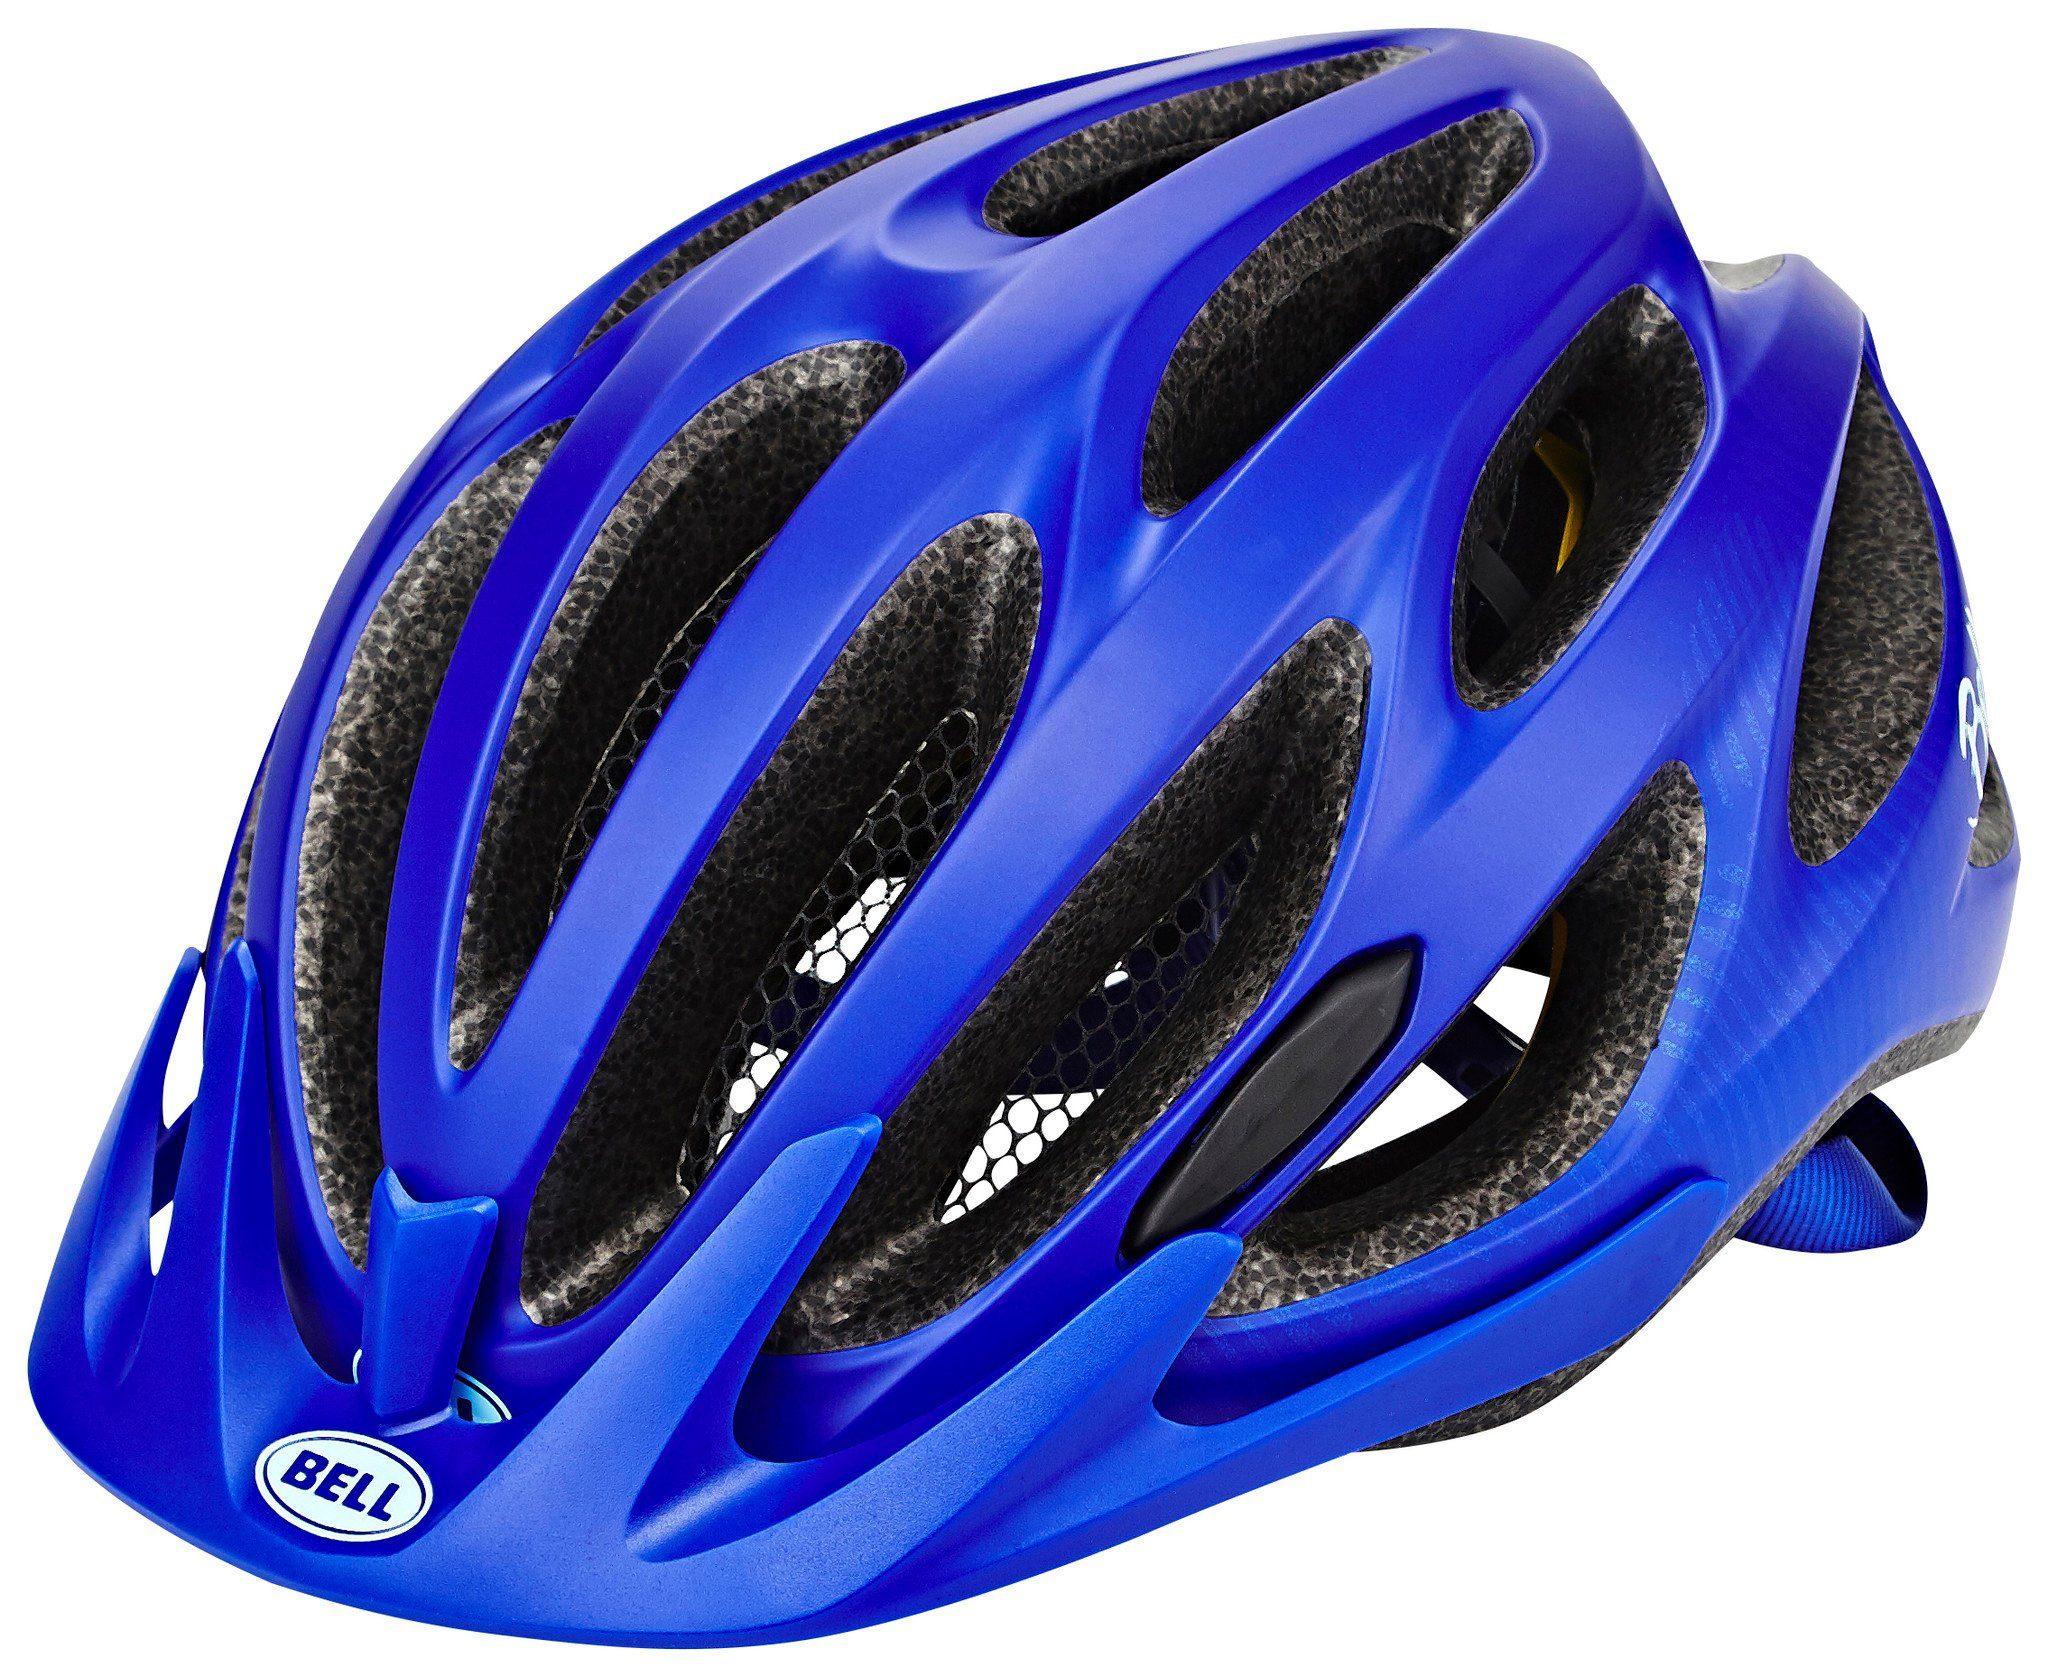 Bell Fahrradhelm »Coast Mips Joy Helmet«